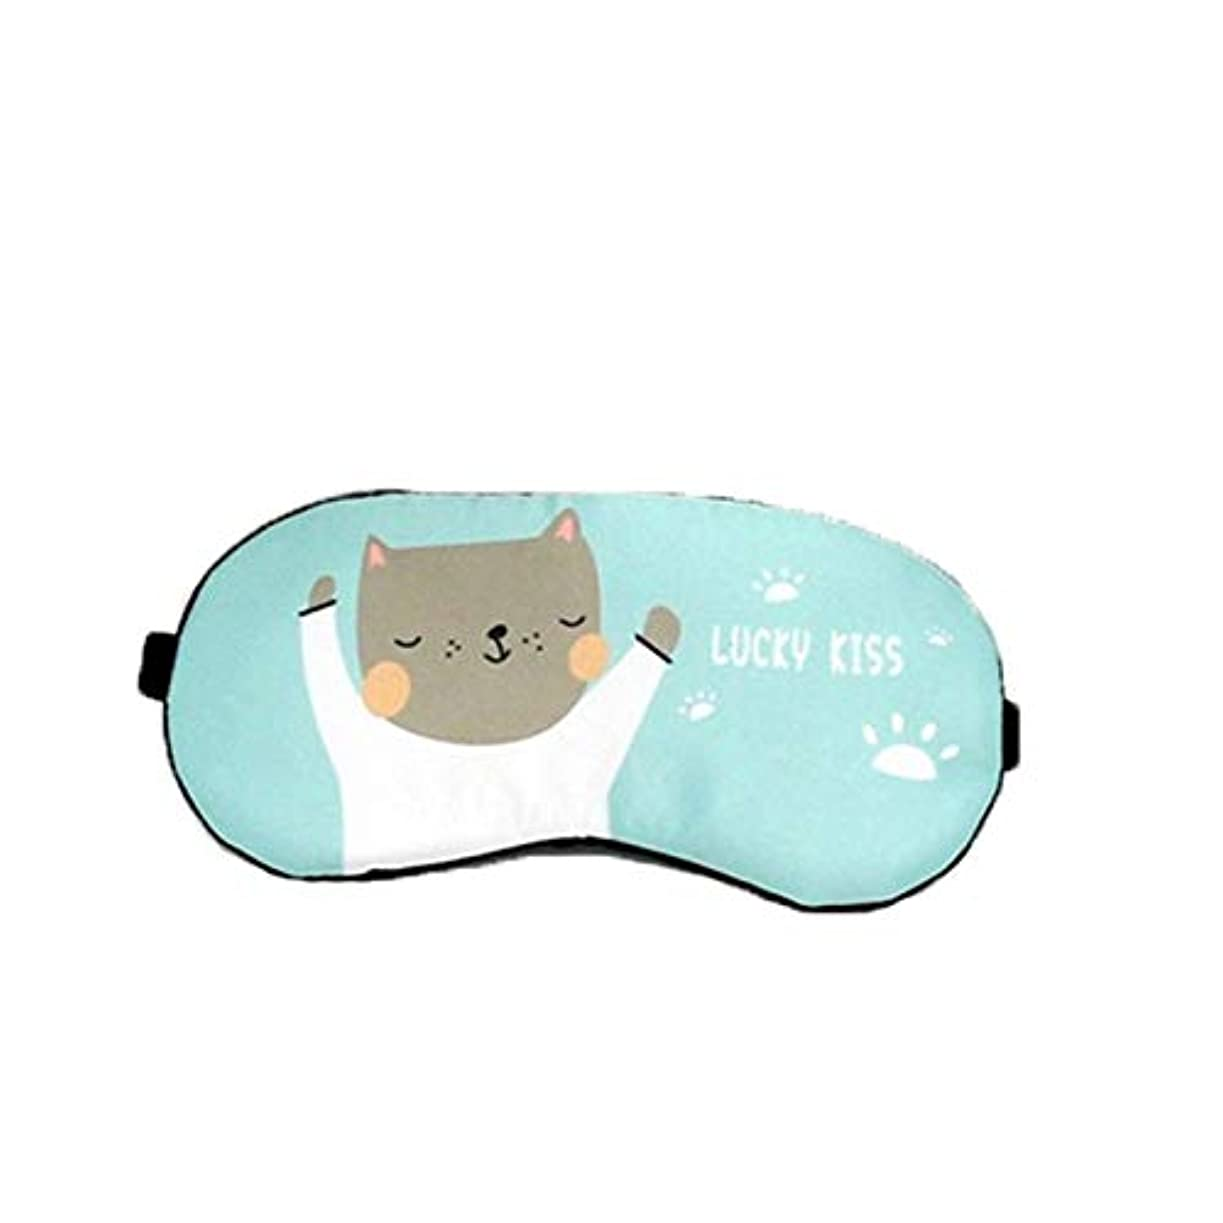 感染する唇コードレスNOTE アイパッチアイカバースリーピングマスクポリエステルと綿クリエイティブラブリー漫画アイベア旅行リラックス睡眠補助MP0185